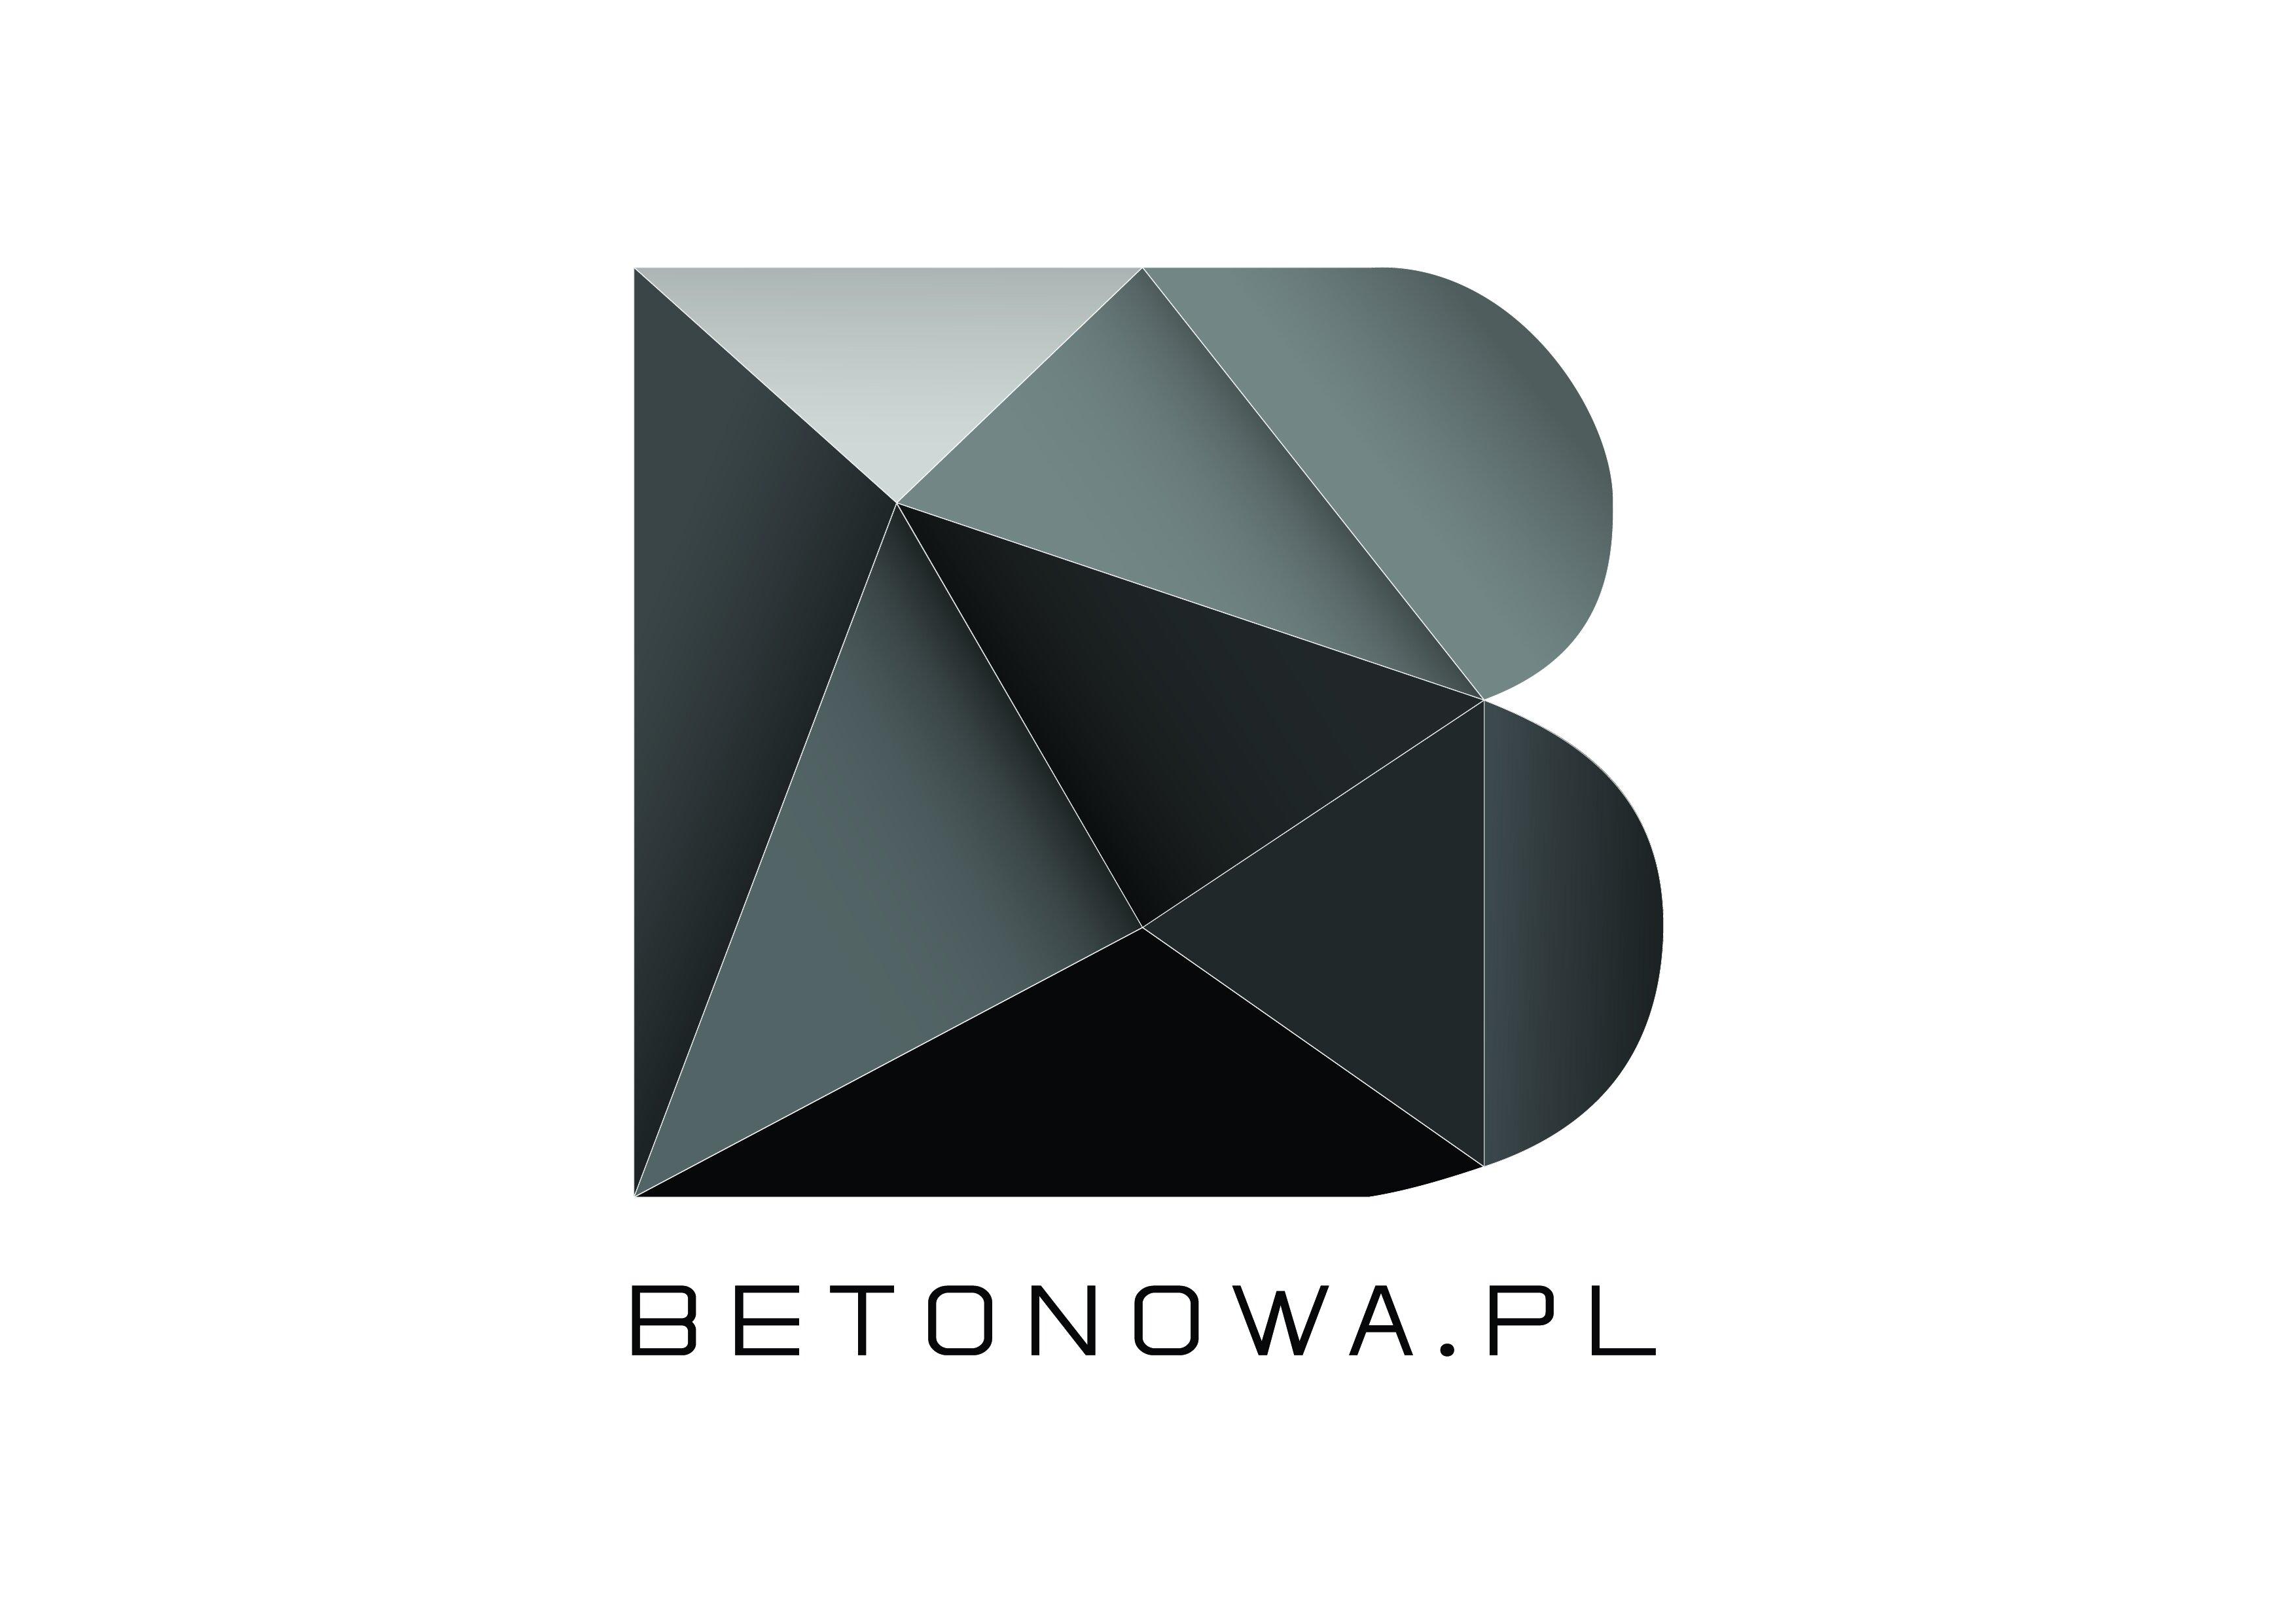 BETONOWA.PL